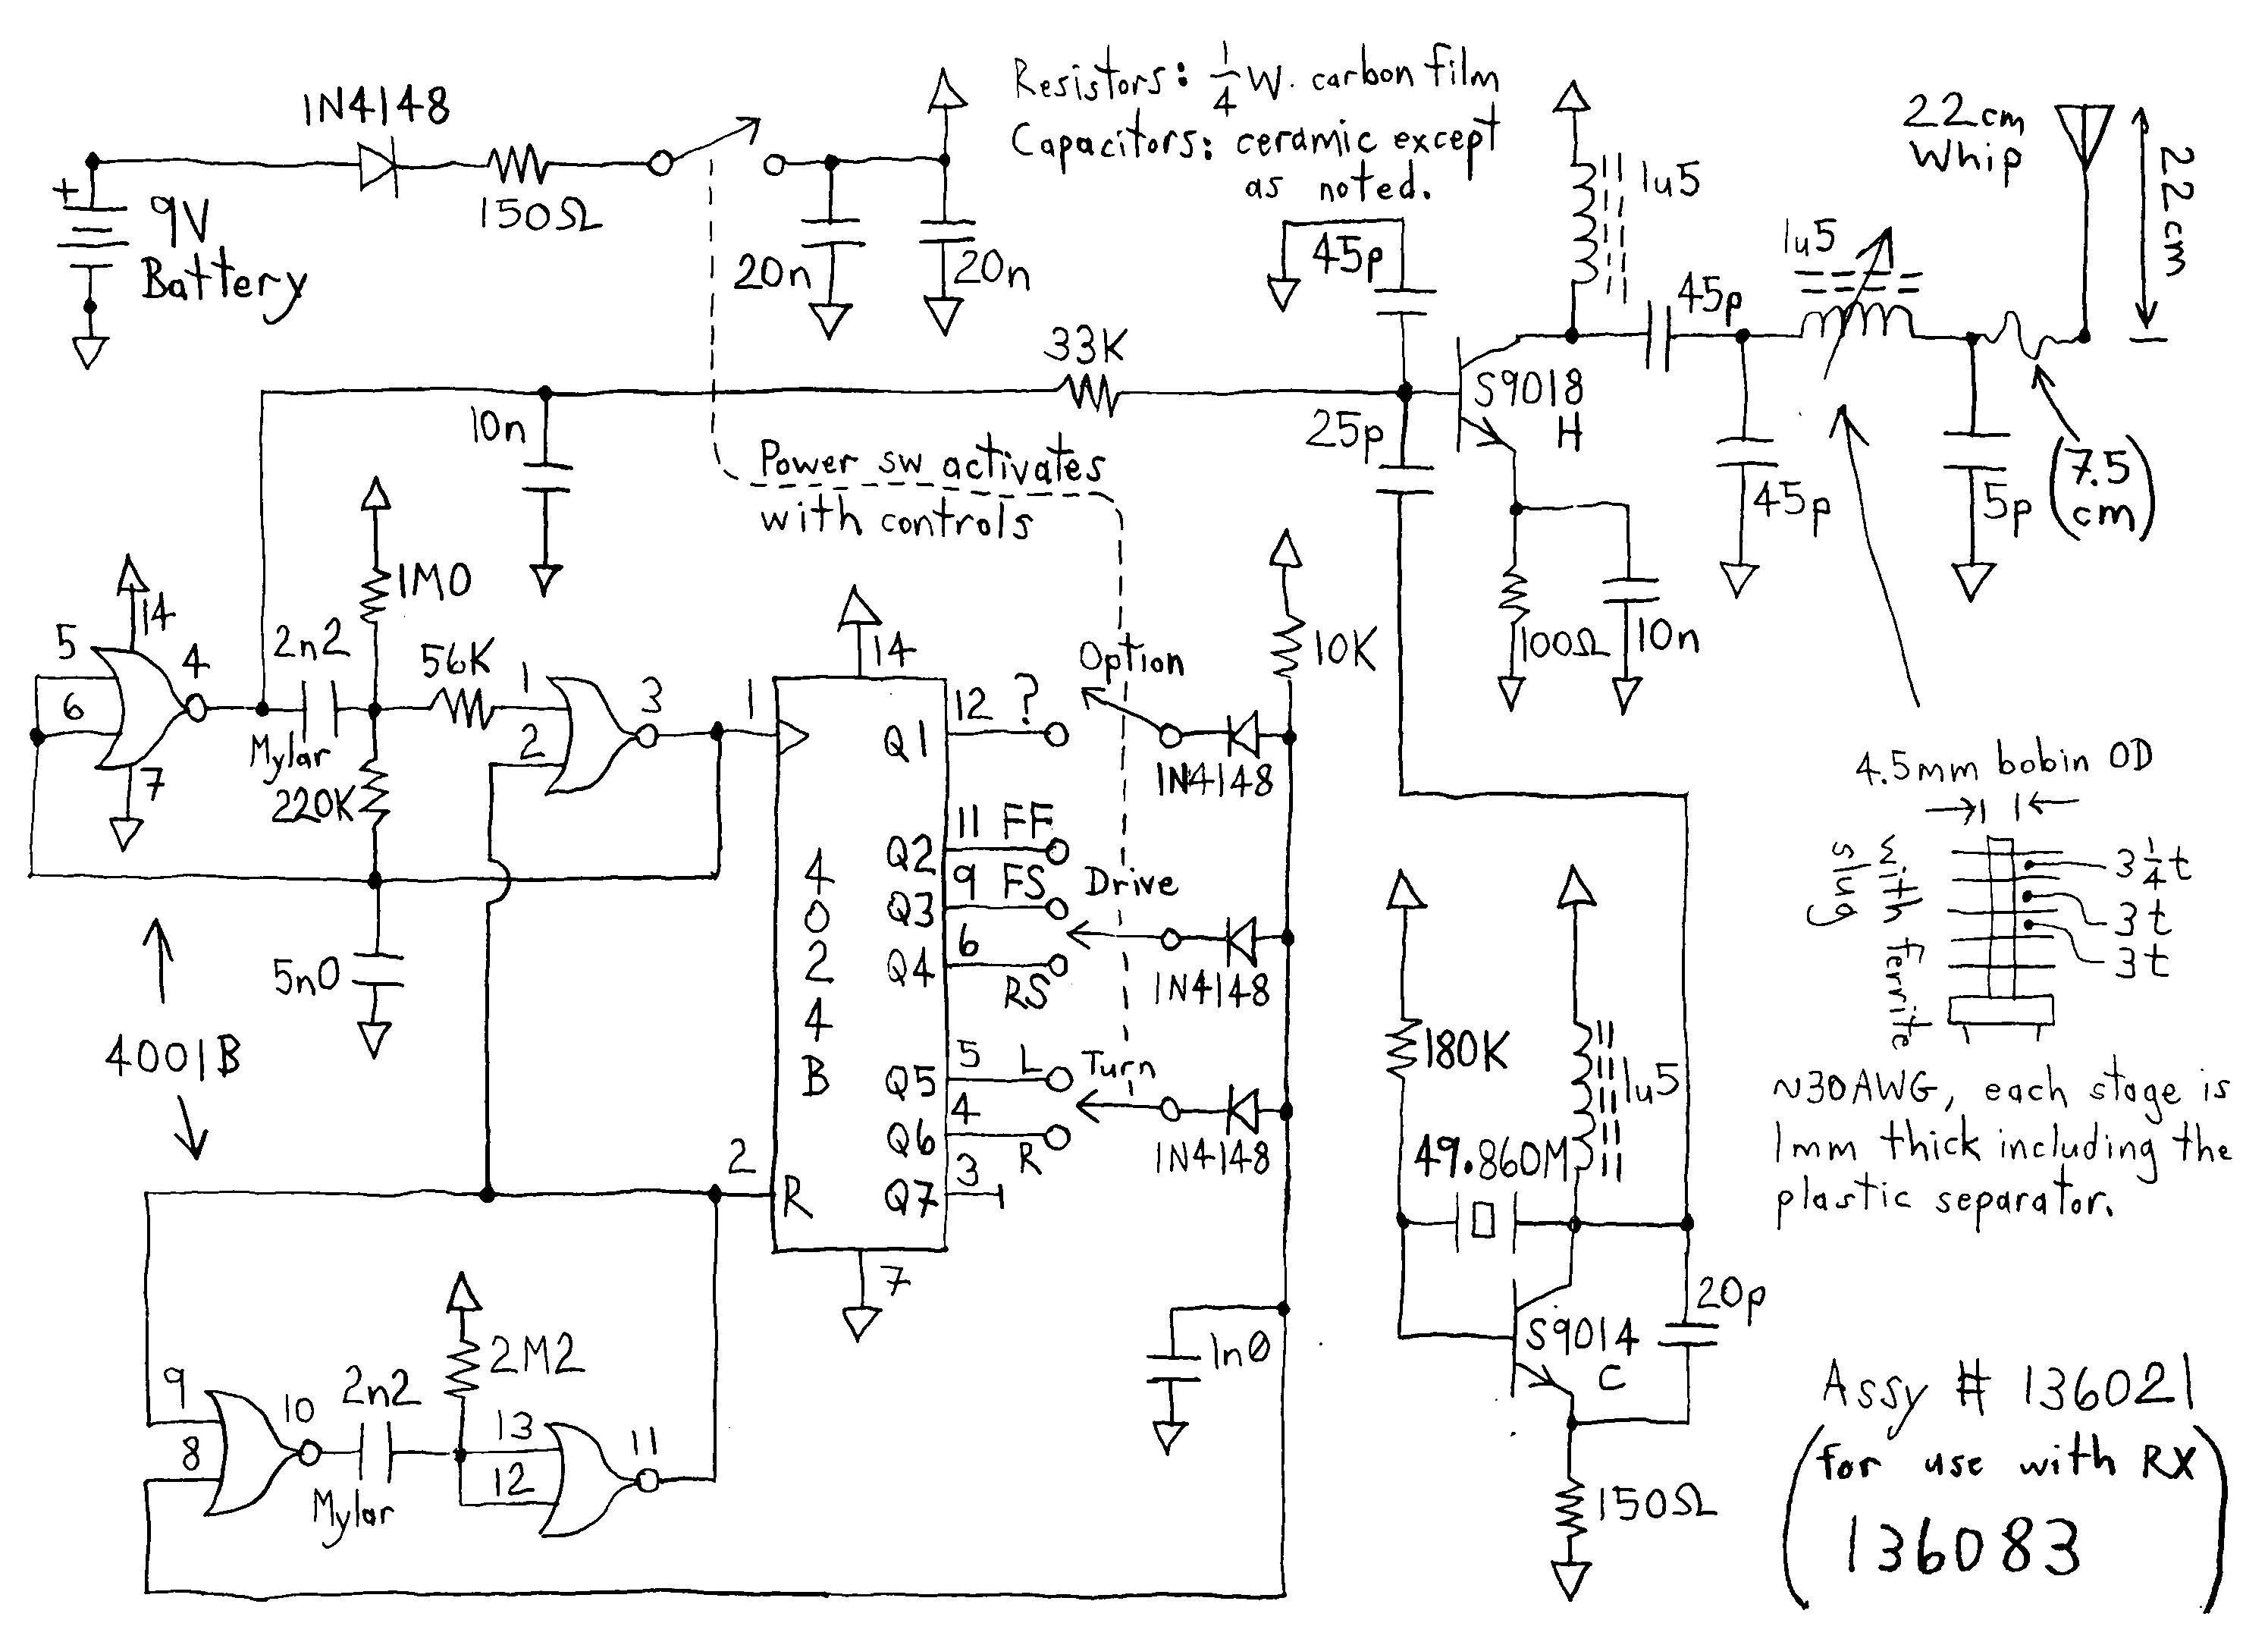 1998 Chevy S10 Wiring Diagram 2001 Chevy S10 Wiring Diagram Column Schematics Wiring Diagrams • Of 1998 Chevy S10 Wiring Diagram